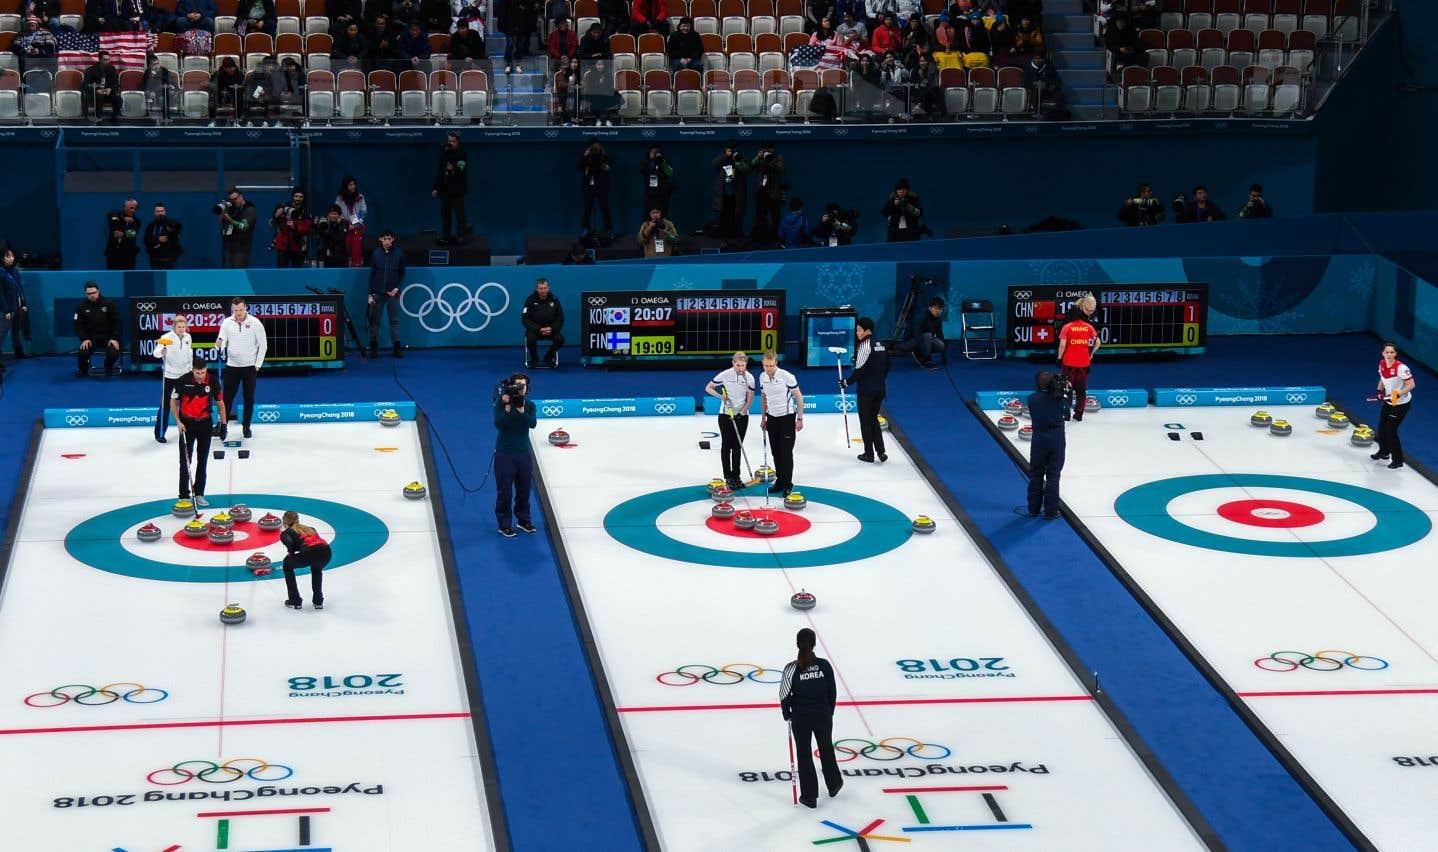 Le curling donne le coup d'envoi des compétitions à Pyeongchang